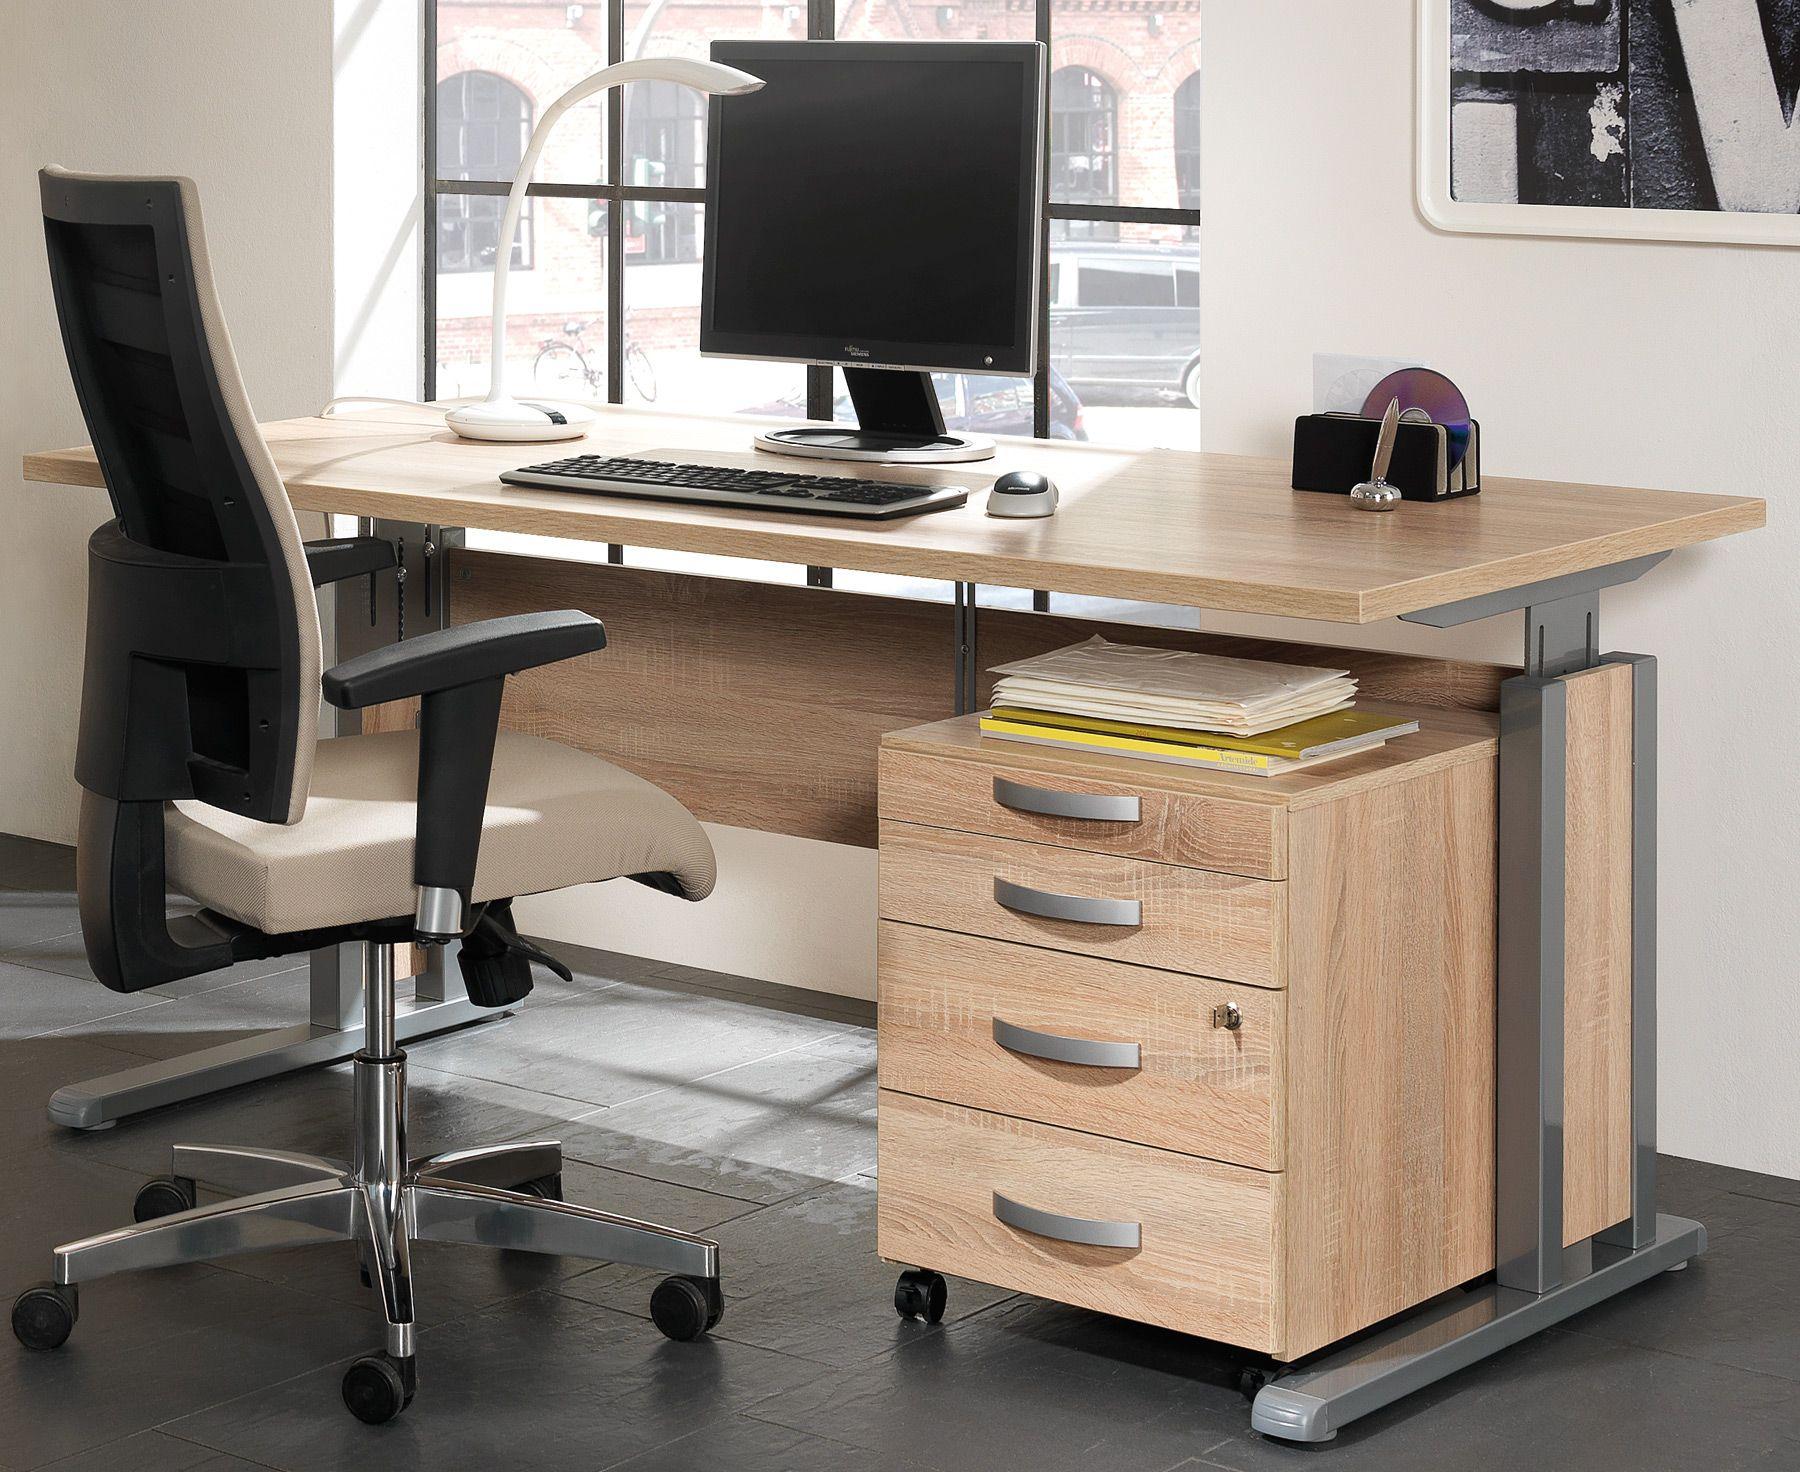 Schreibtisch büro  Nett büro schreibtisch höhenverstellbar | Deutsche Deko ...